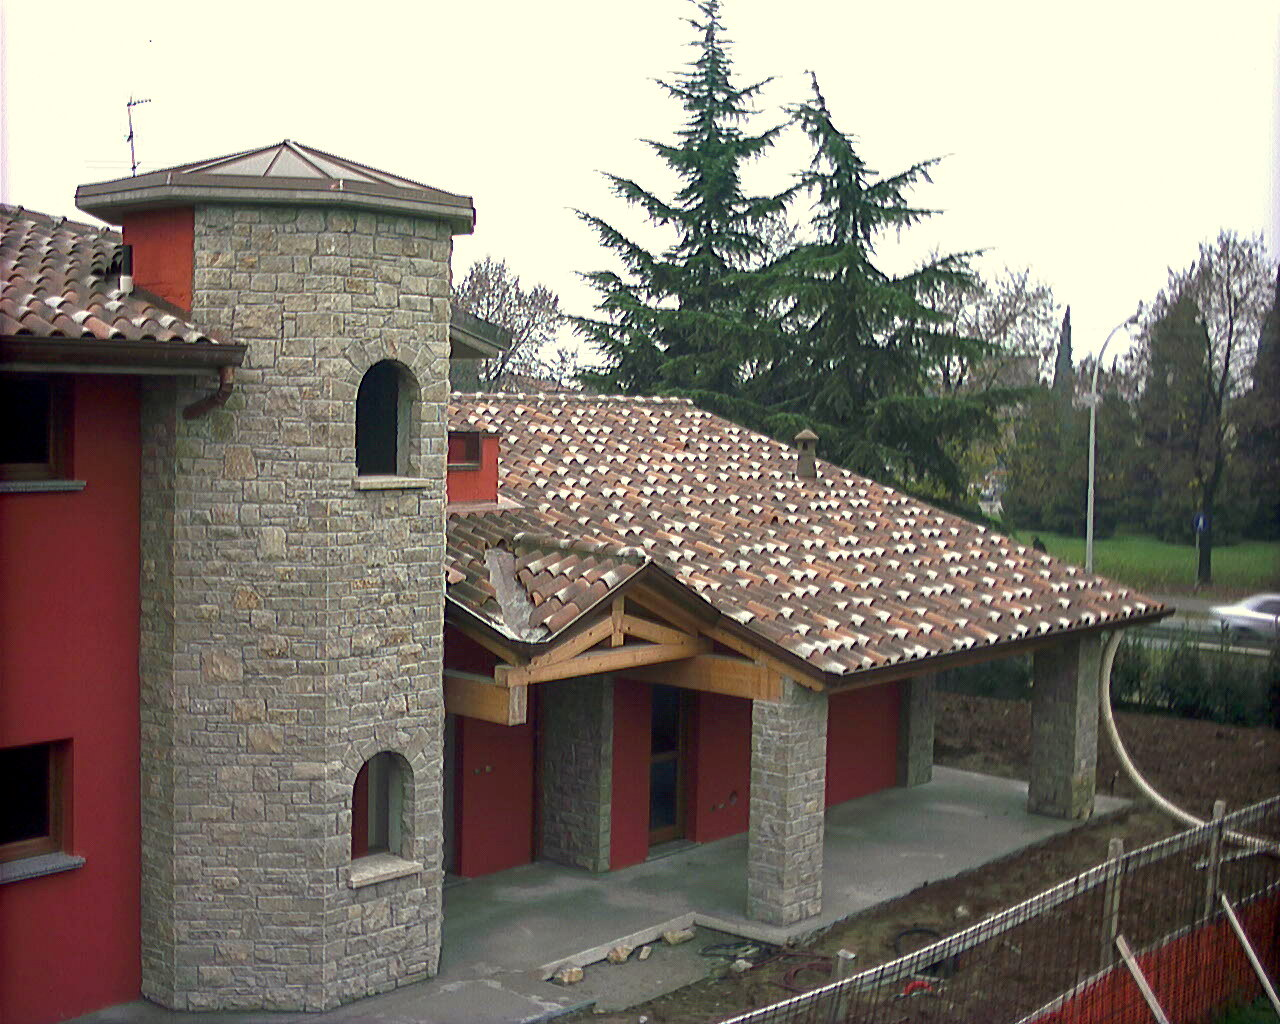 Rivestimenti per ambienti interni ed esterni in pietra - Rivestimento pilastri esterni ...